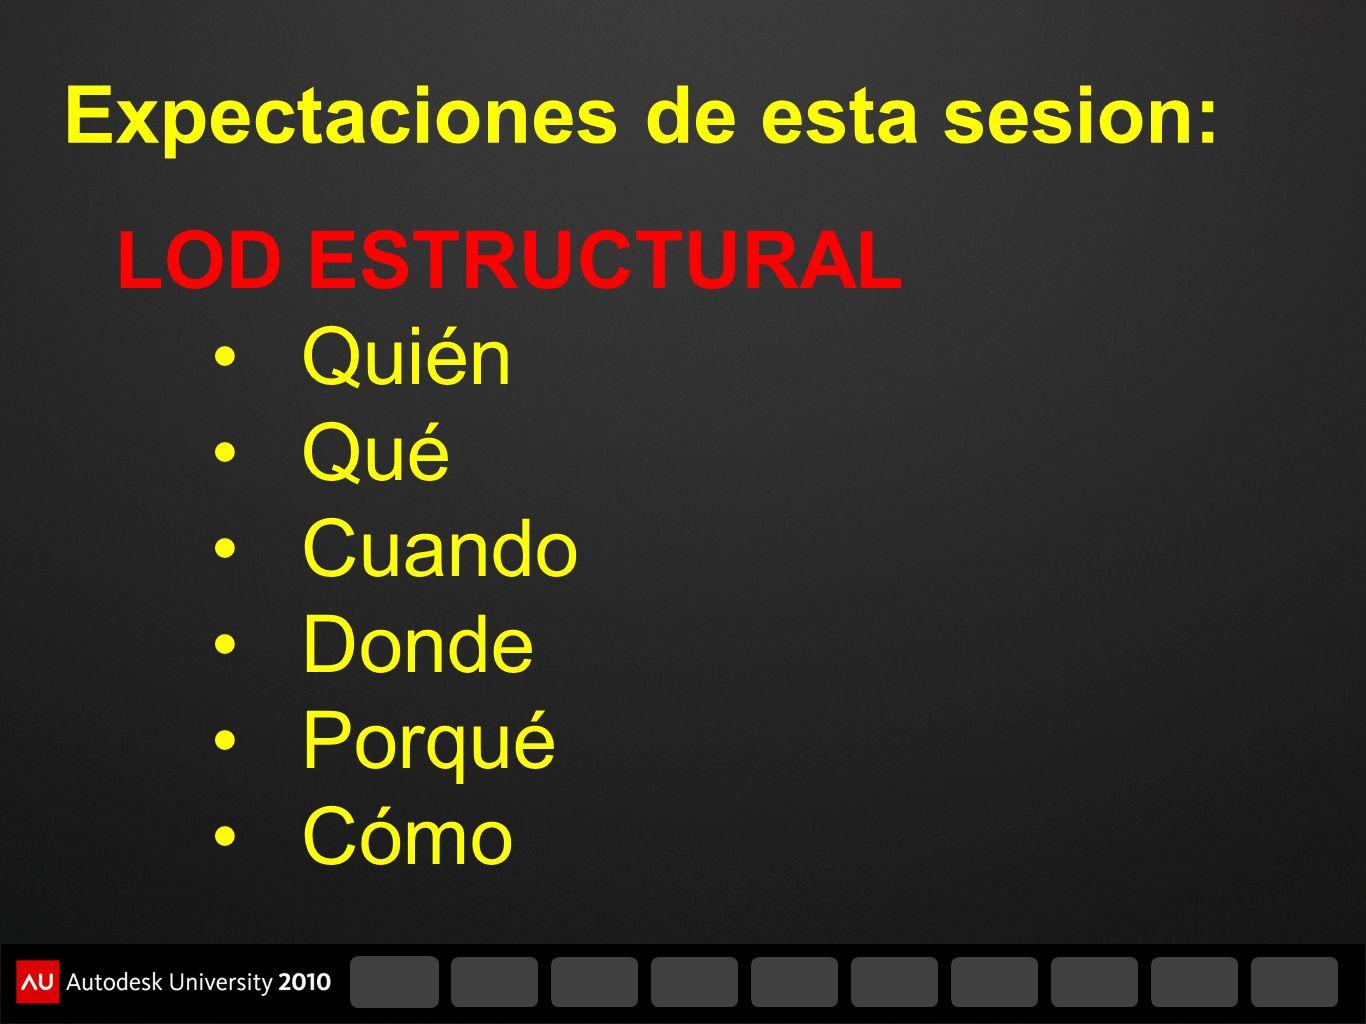 Expectaciones de esta sesion: LOD ESTRUCTURAL Quién Qué Cuando Donde Porqué Cómo